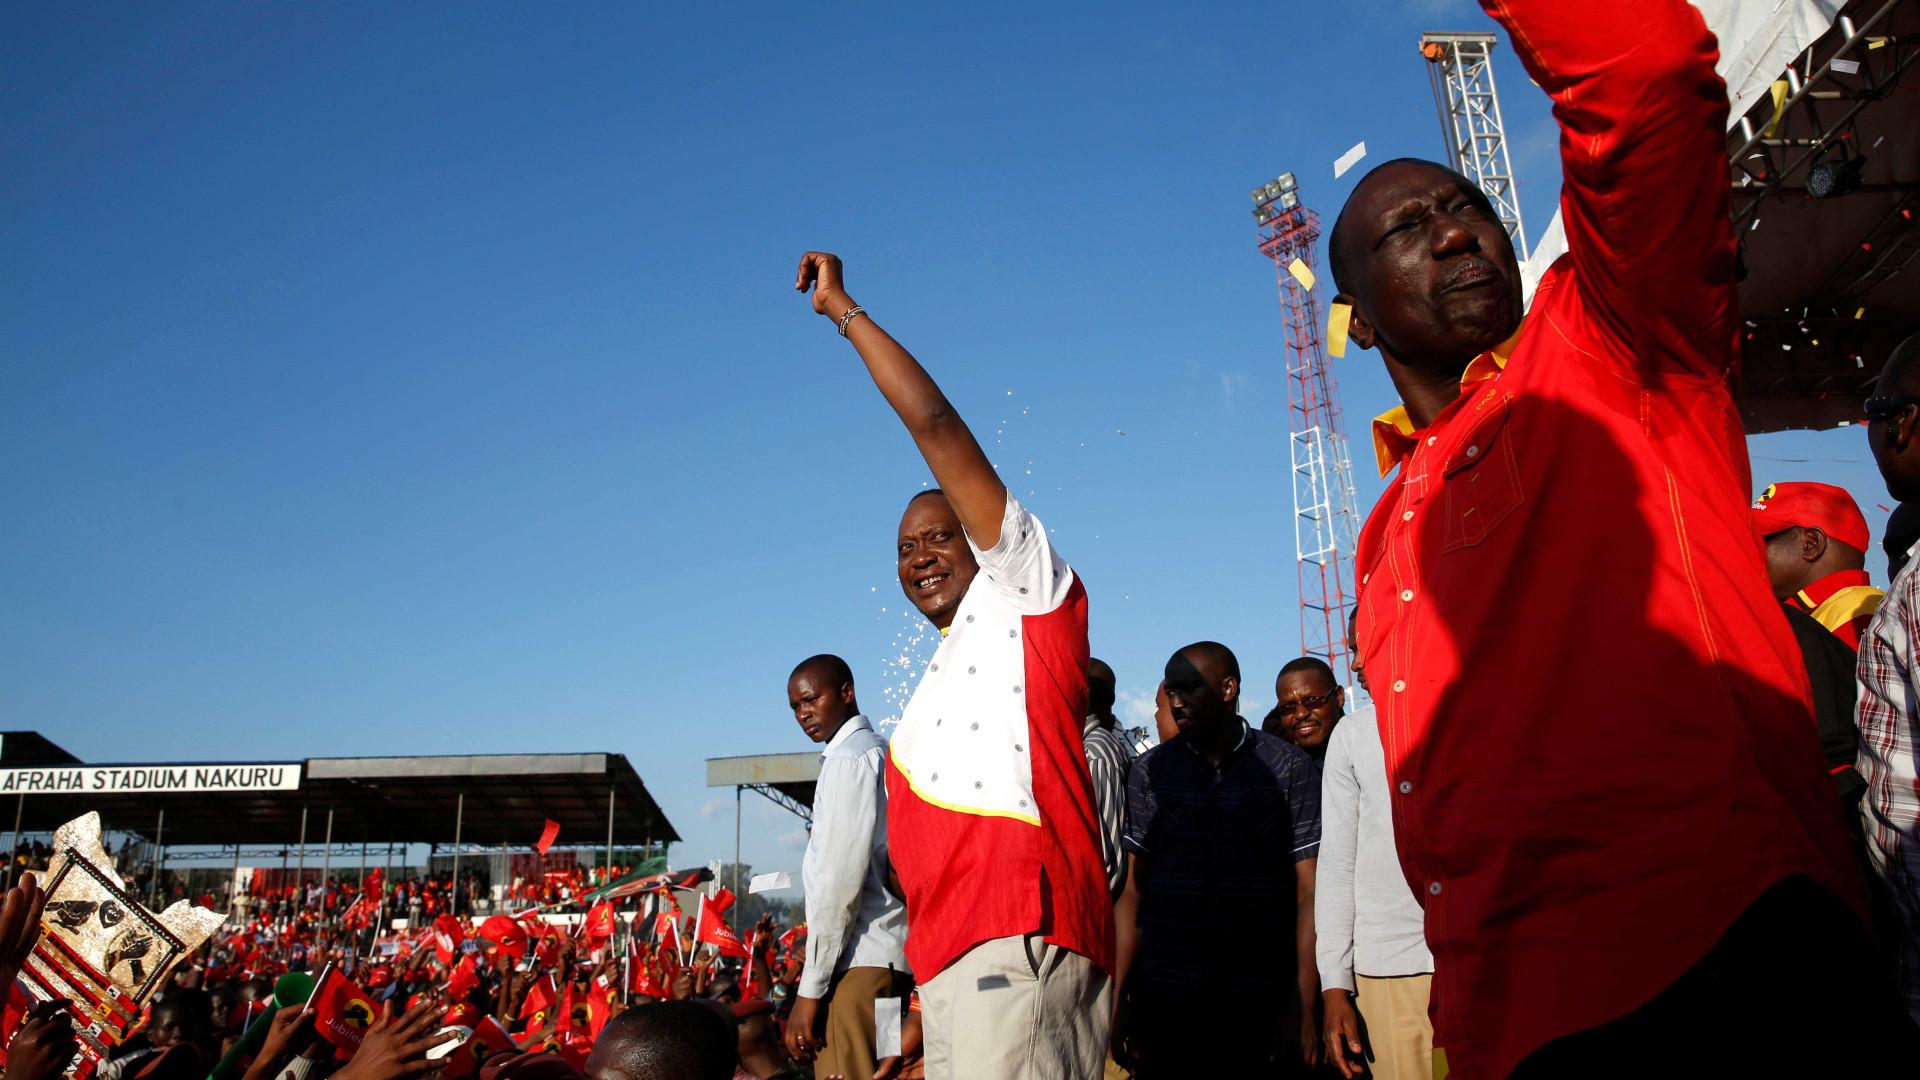 Londres felicita Kenyatta pela sua reeleição como presidente do Quénia